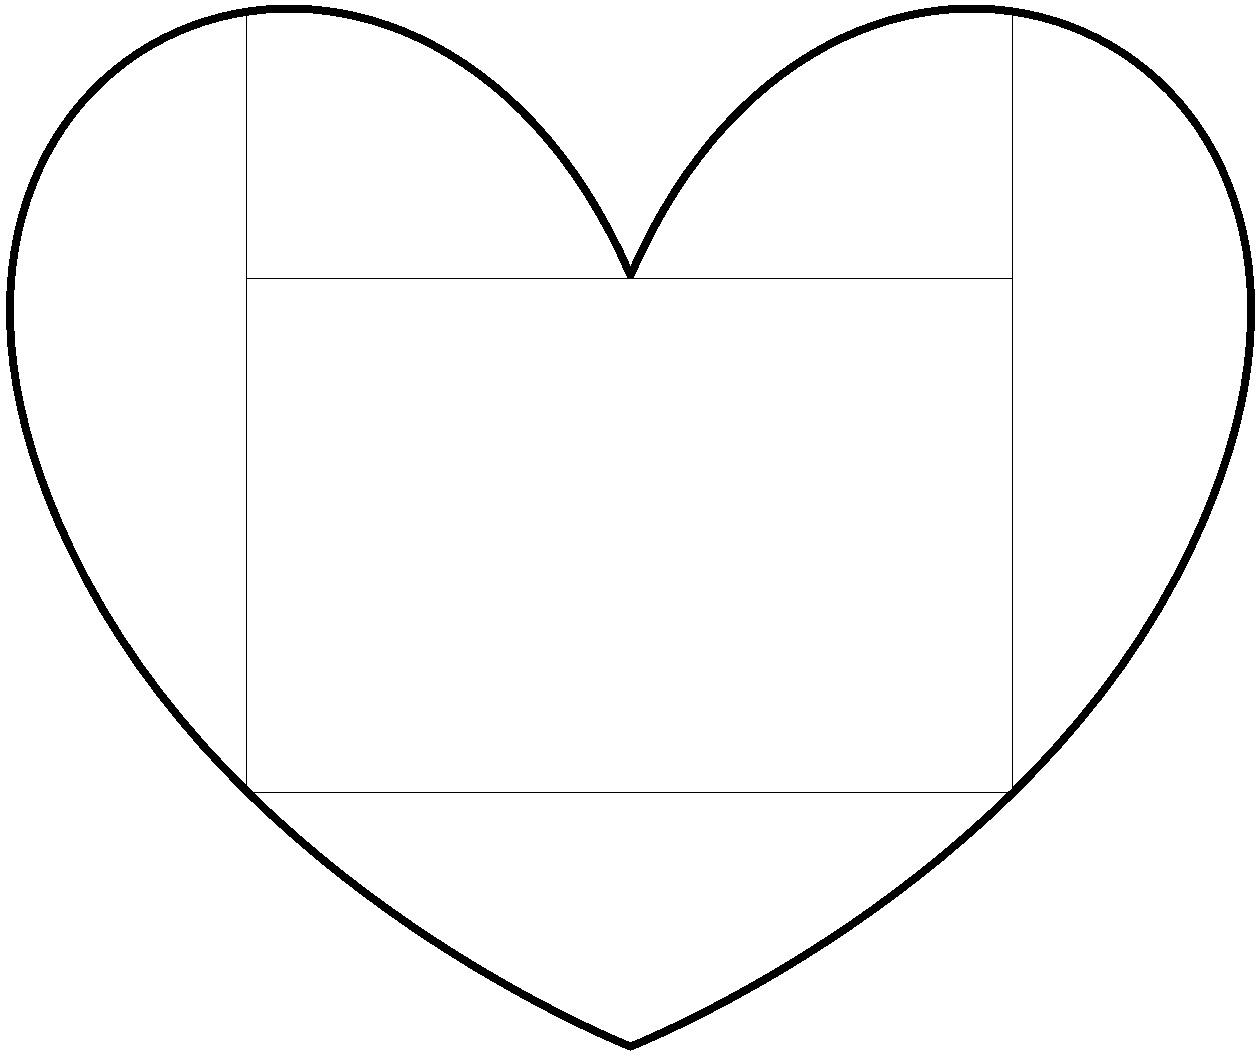 073-hjerte